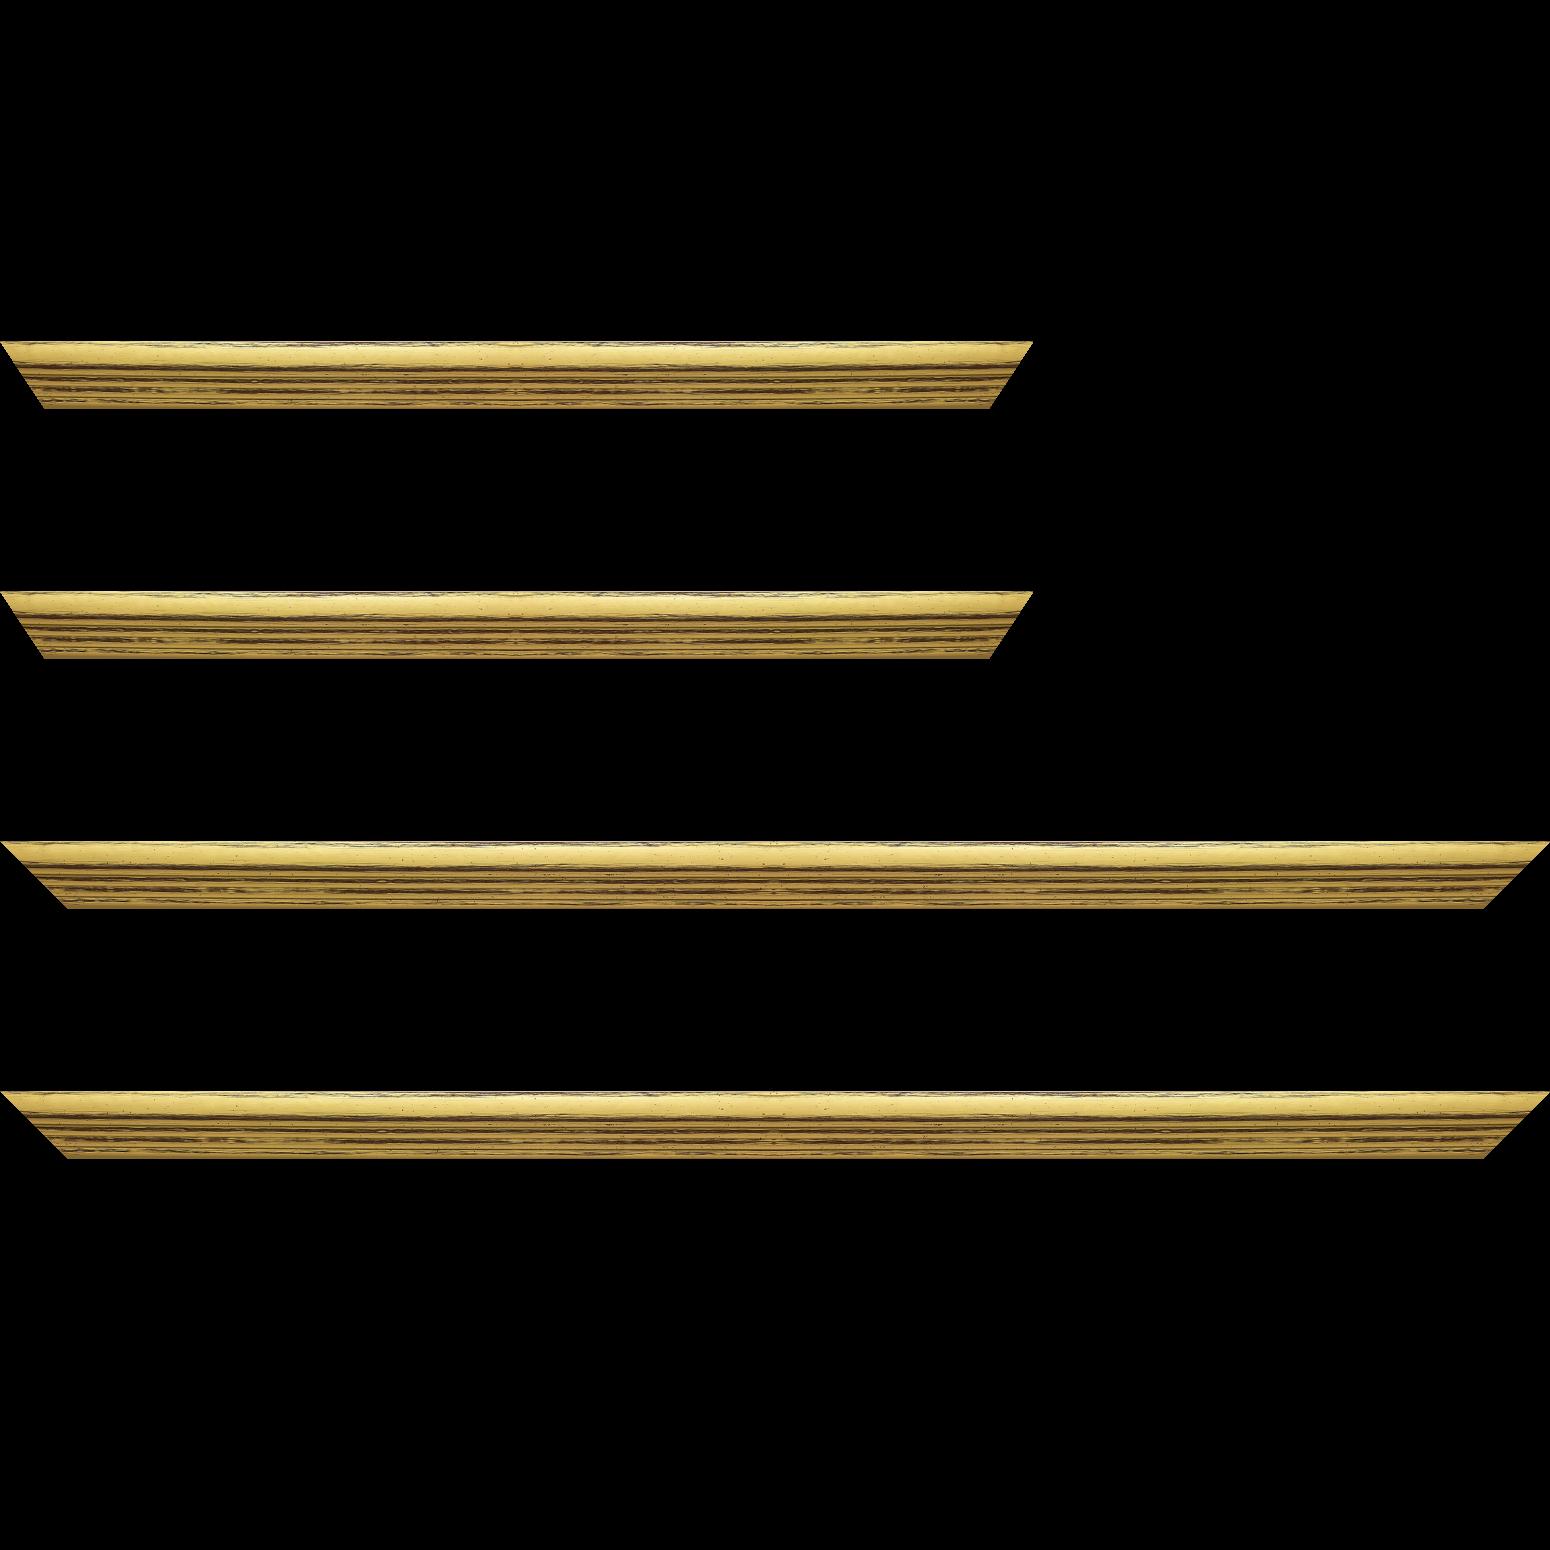 Baguette service précoupé Bois profil plat en pente nez escalier largeur 2cm couleur or coté extérieur or. finition haut de gamme car dorure à l'eau fait main